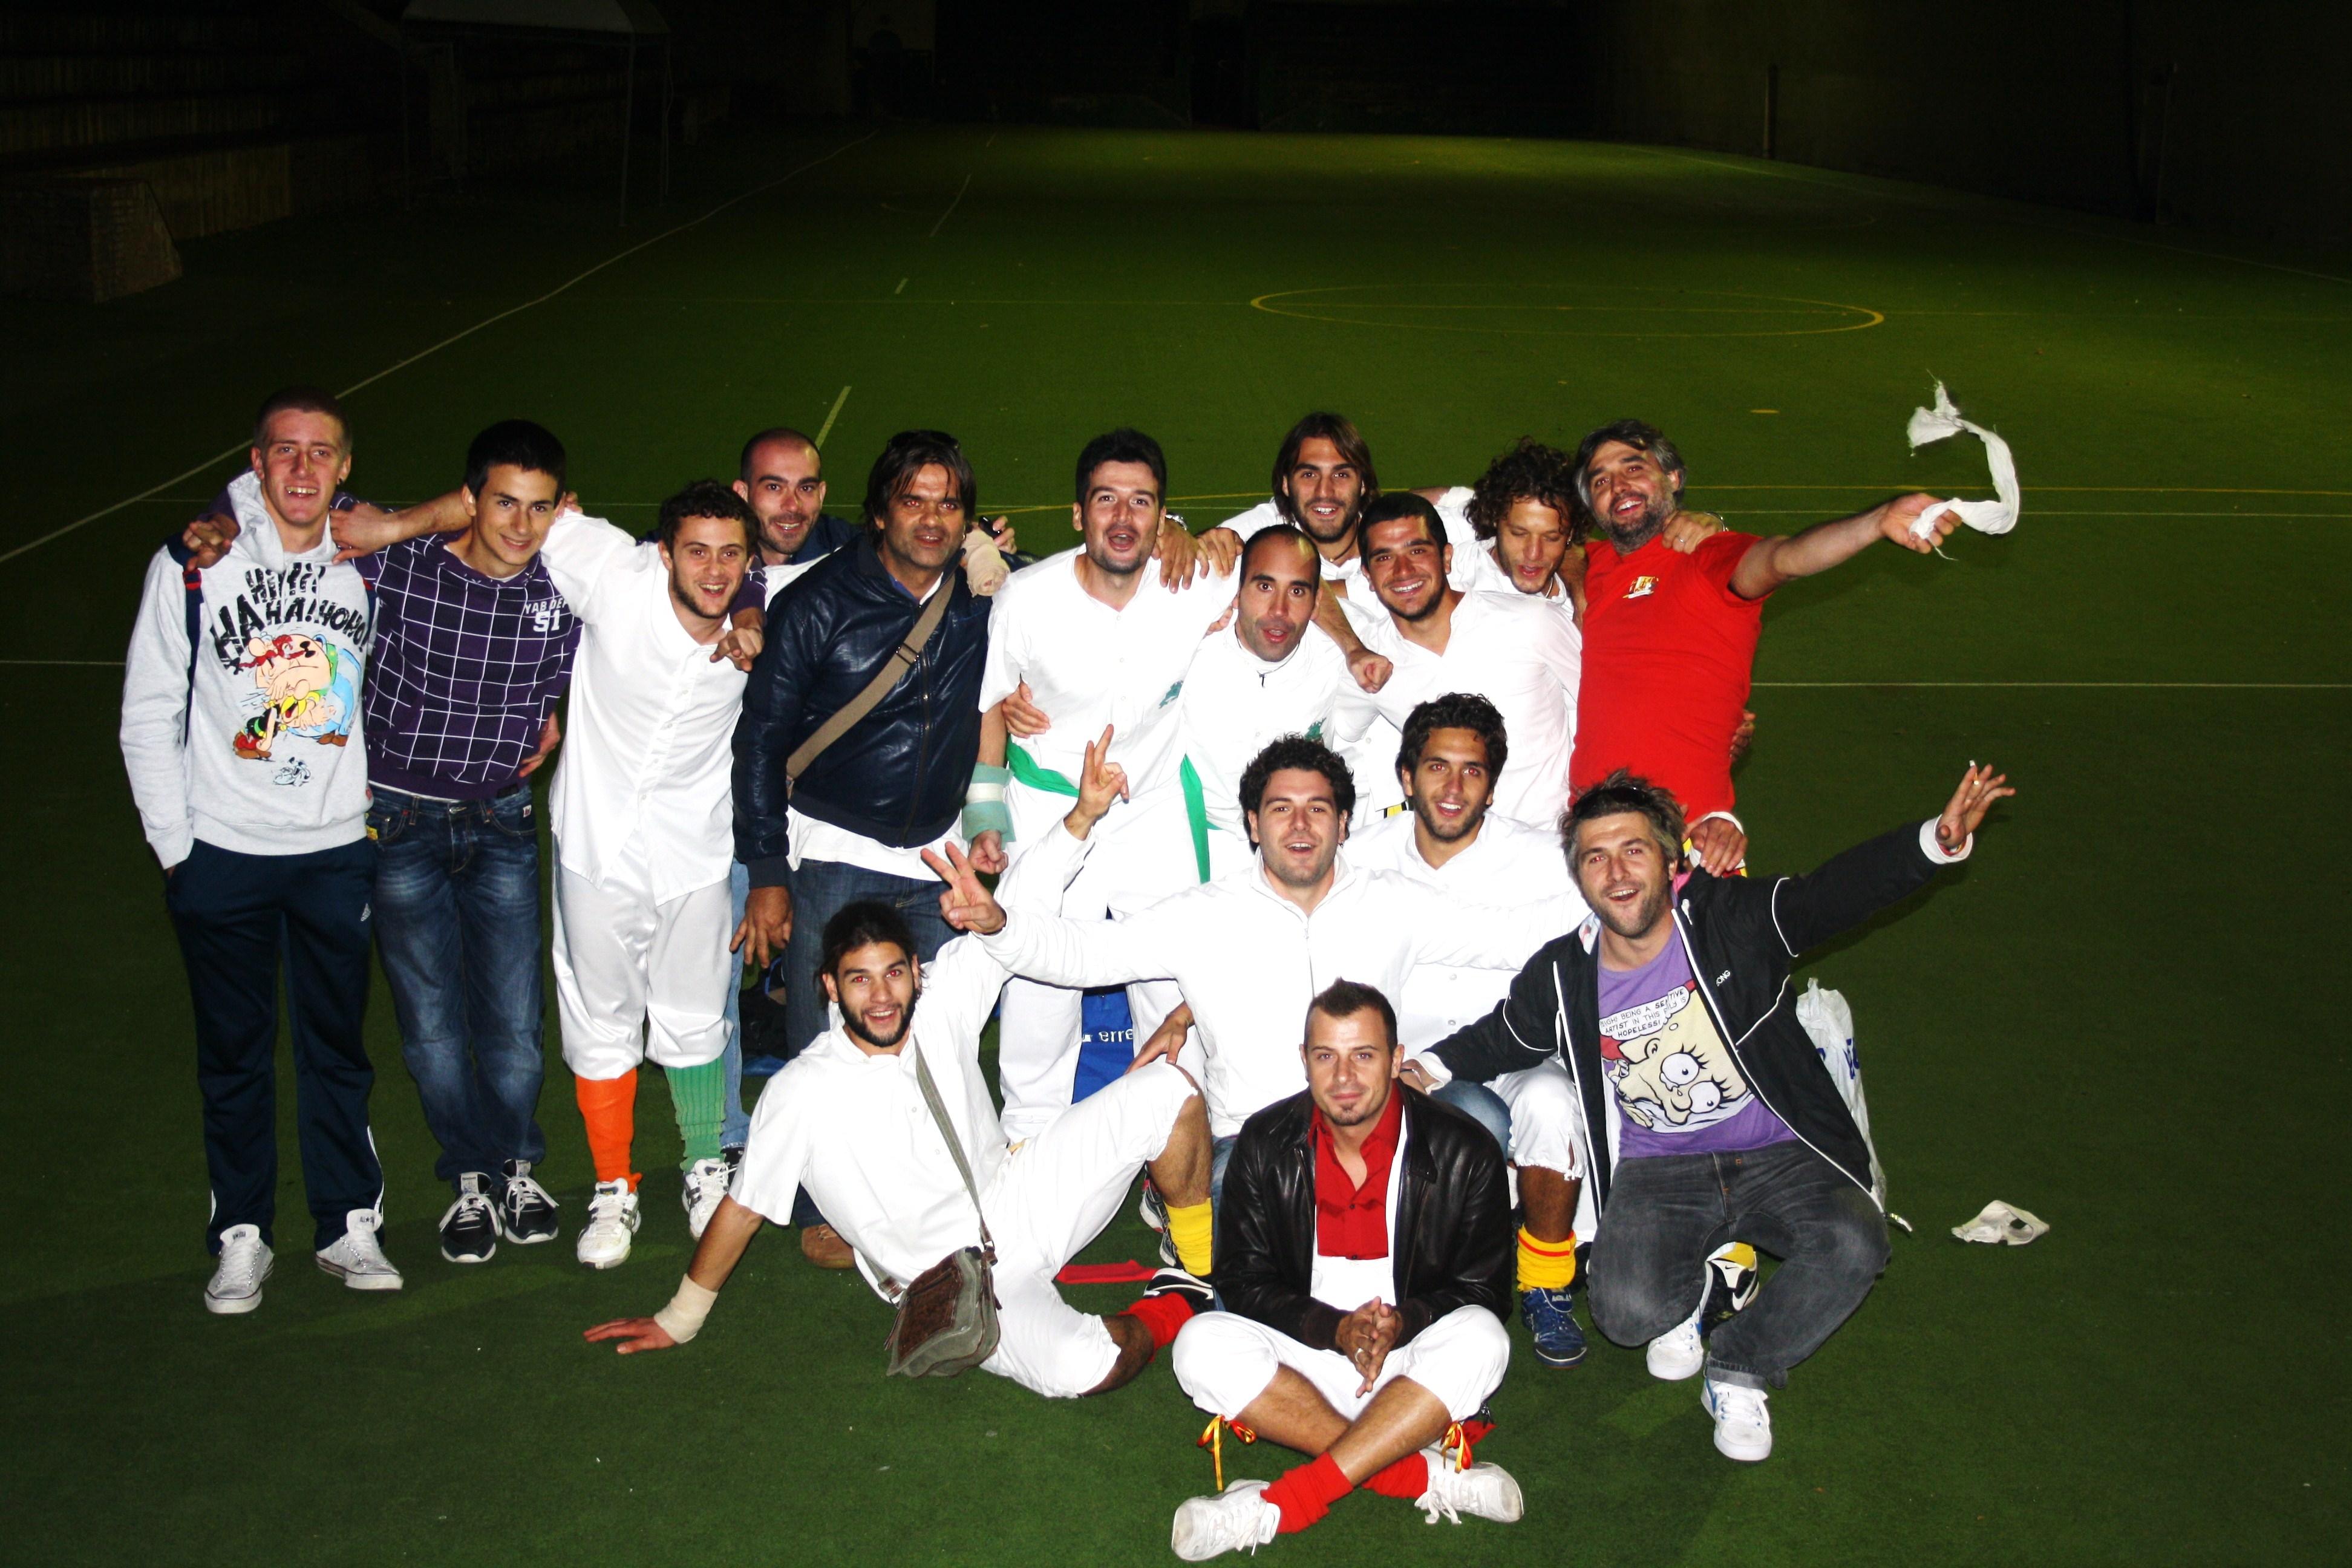 Chiusi vince il campionato di Serie B di Palla al Bracciale